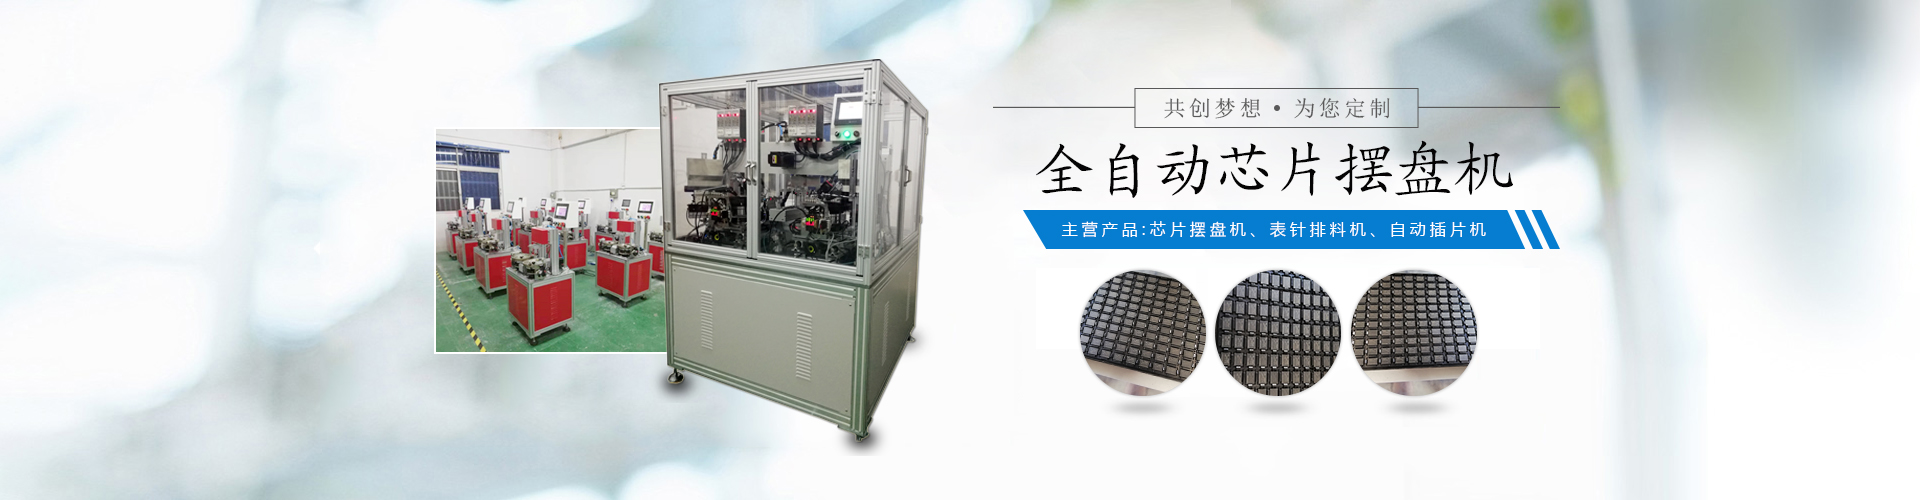 电子产品自动摆盘机厂家